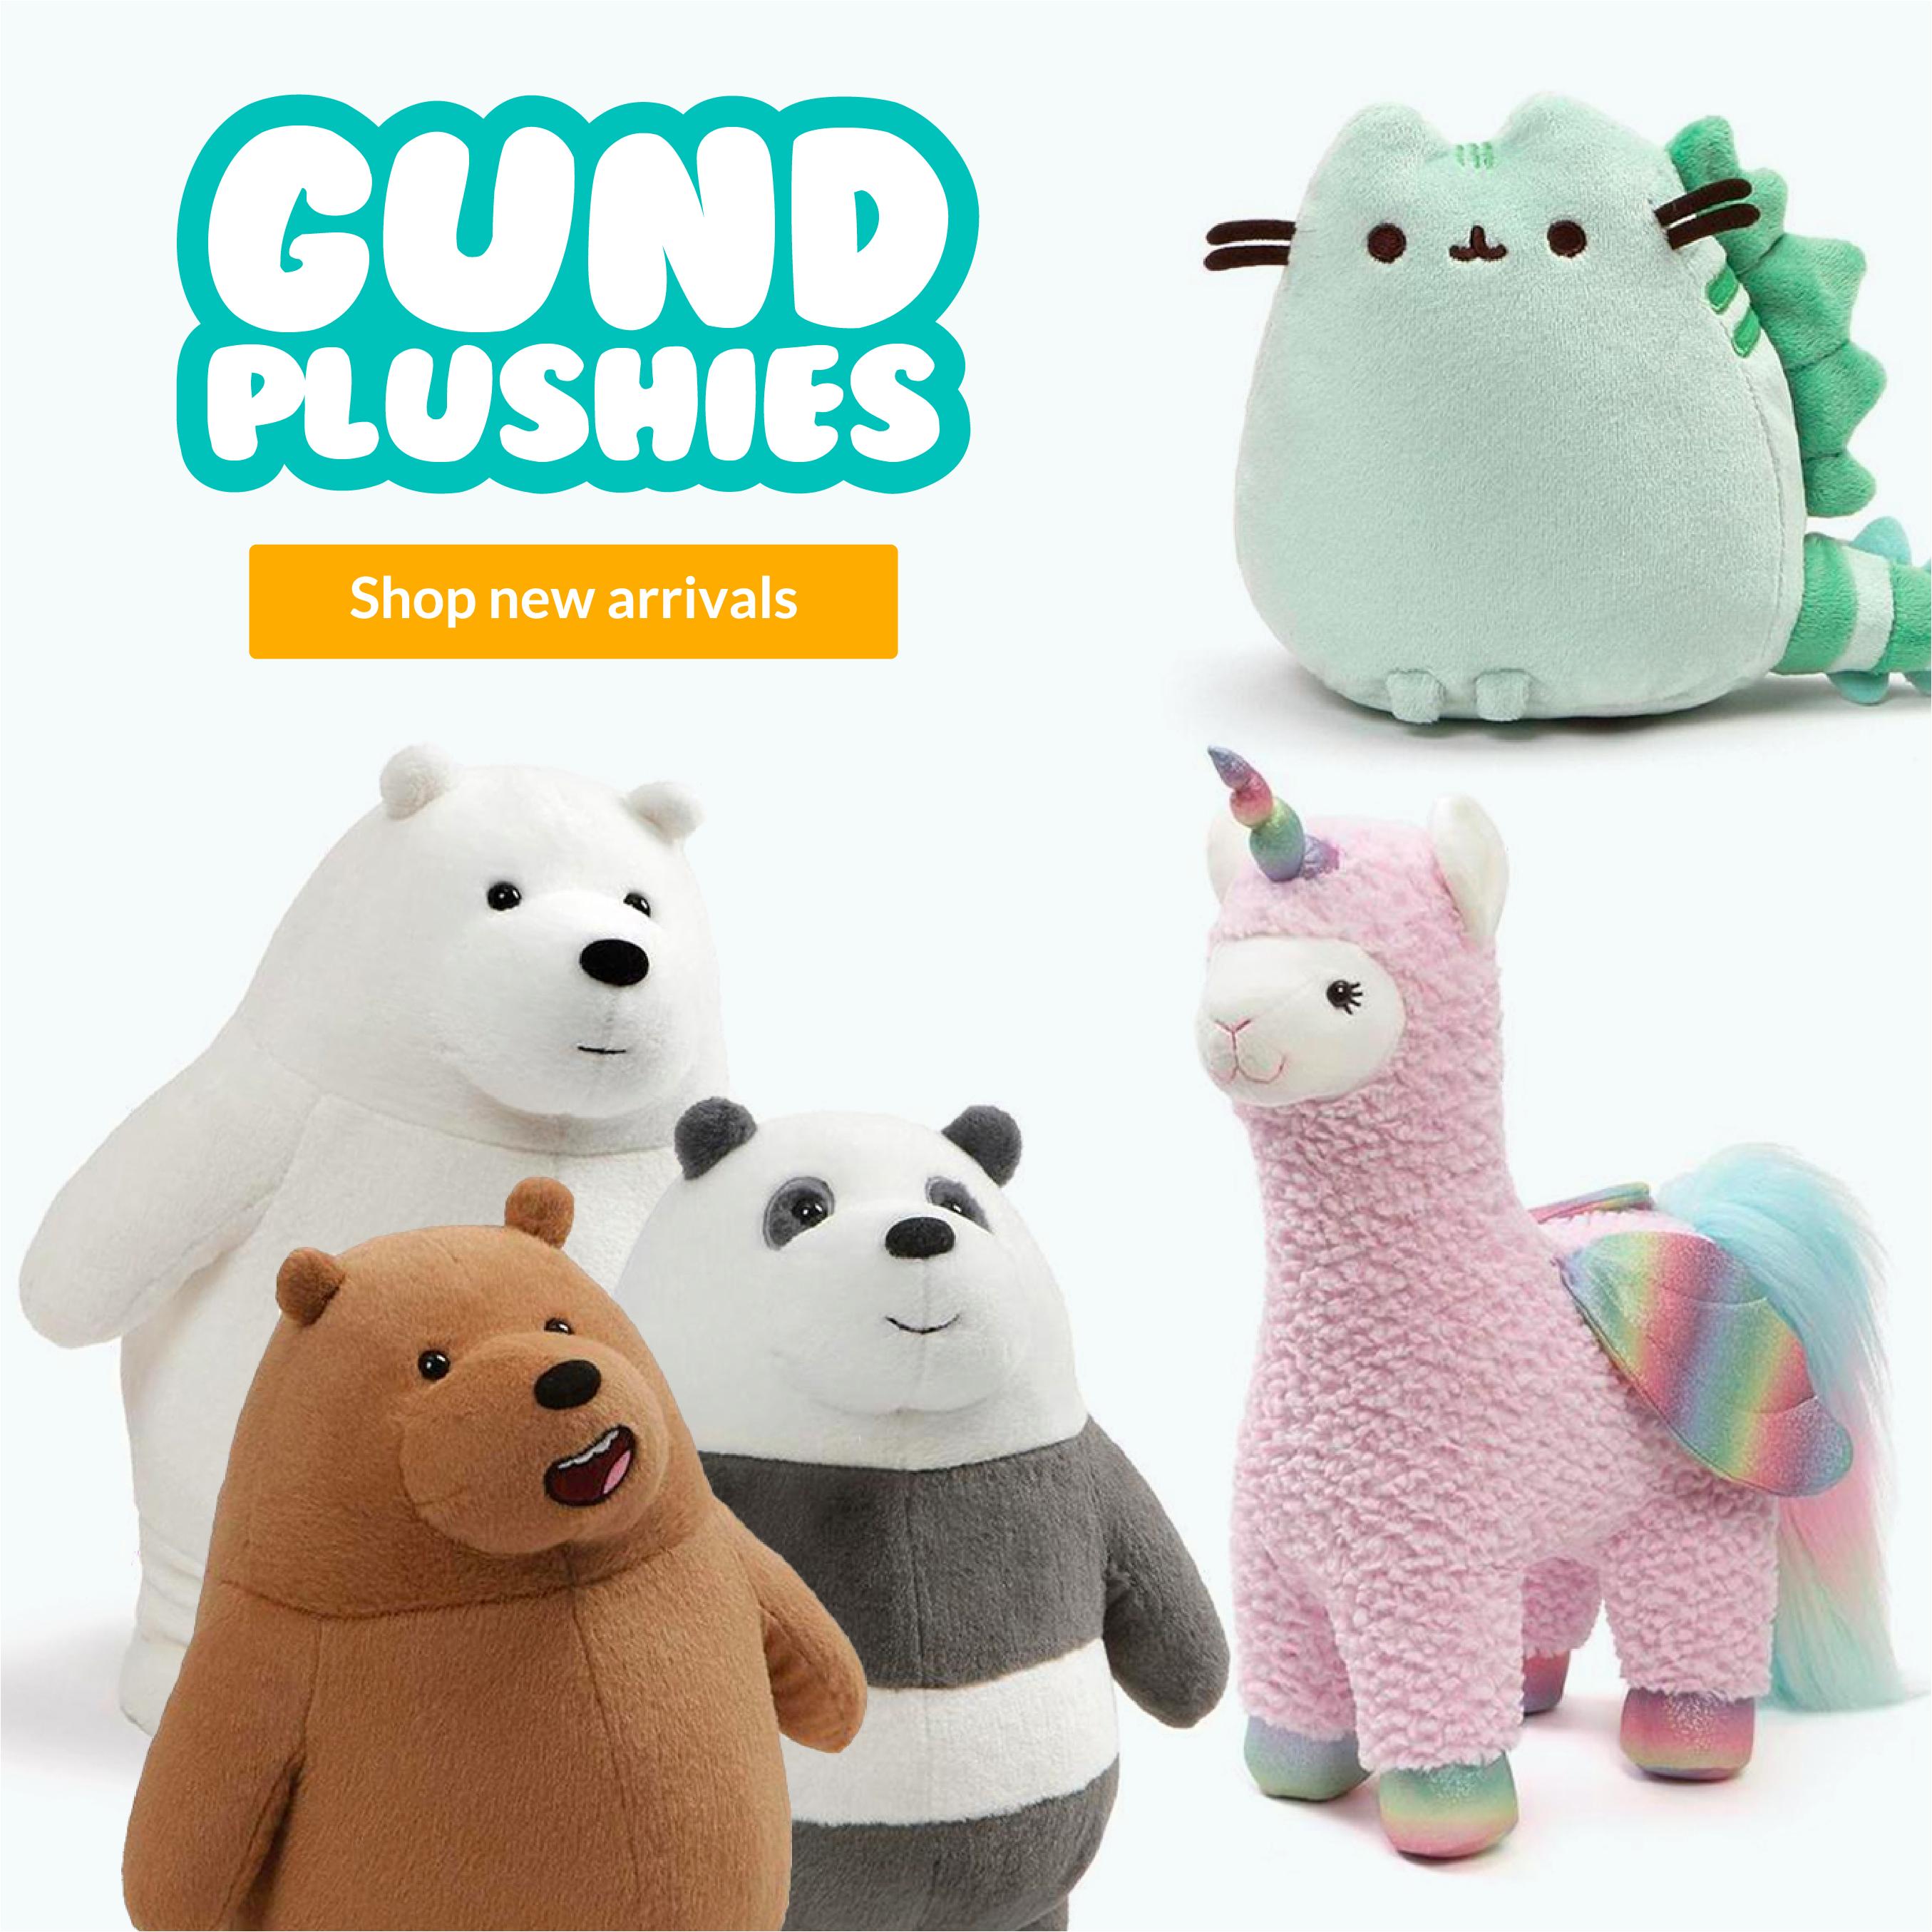 Gund Plush New Arrivals